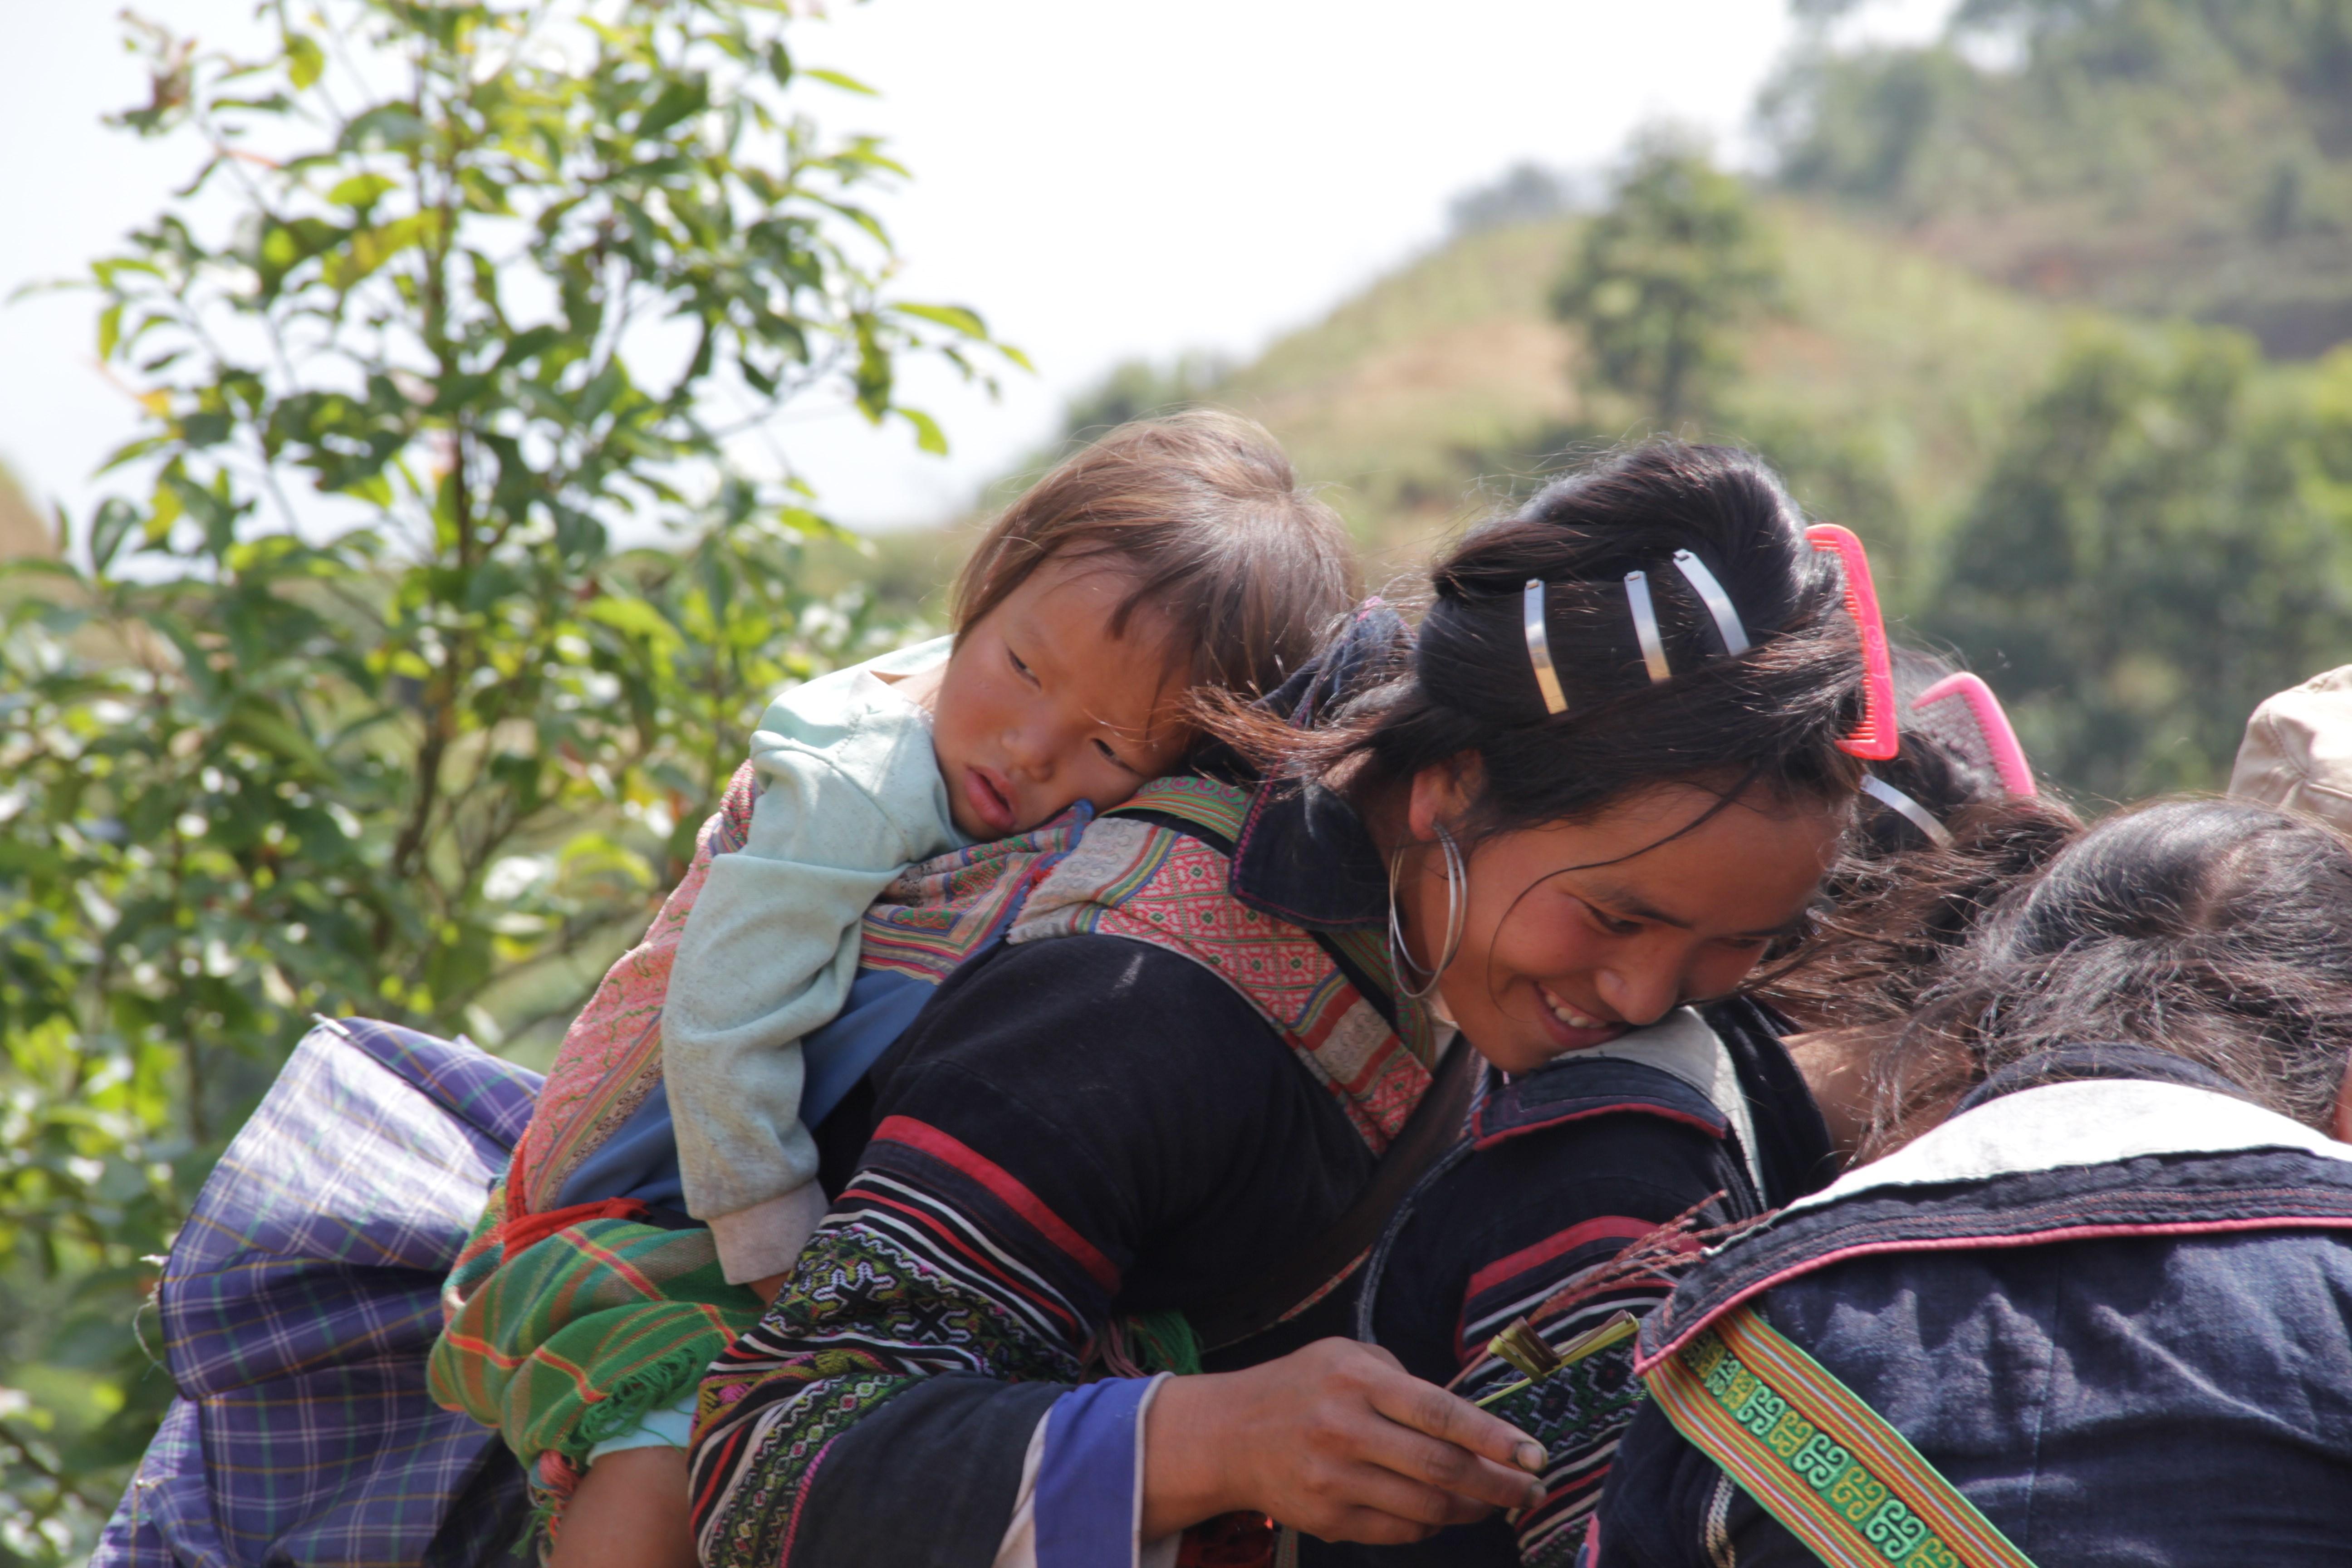 Les H'mong marchent avec leur enfant sur le dos. (© Jérôme Decoster)